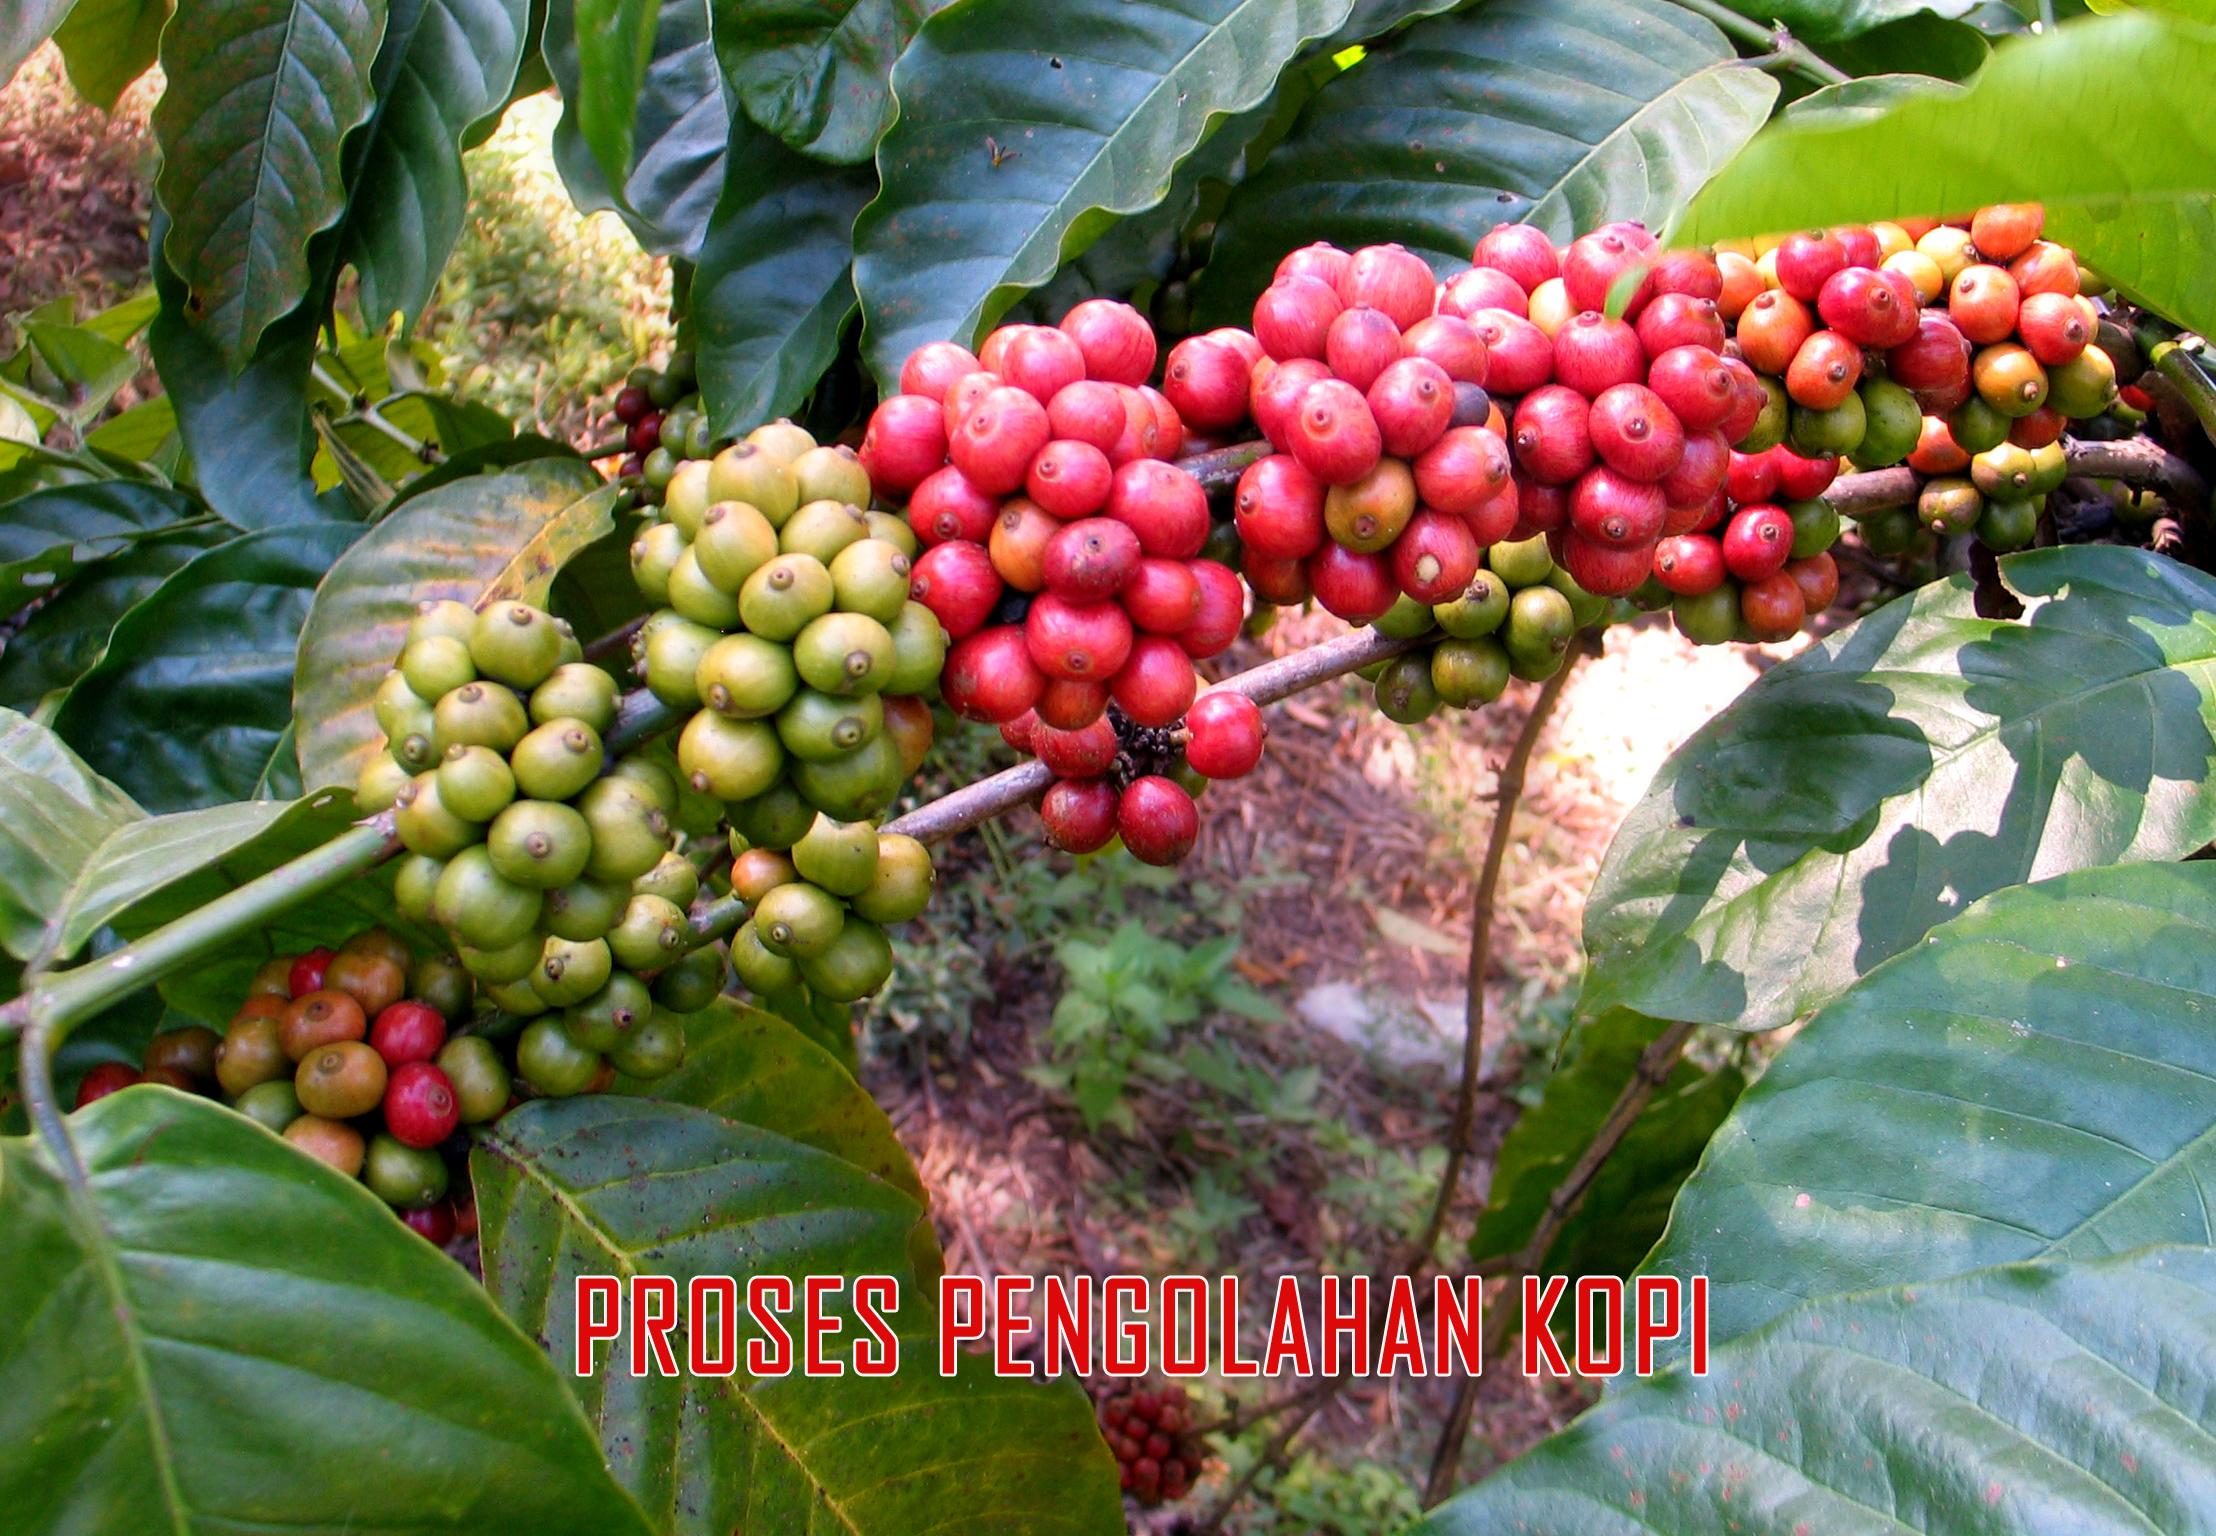 panduan proses pengolahan biji kopi » Ini Dia Panduan Proses Pengolahan kopi yang Berkualitas